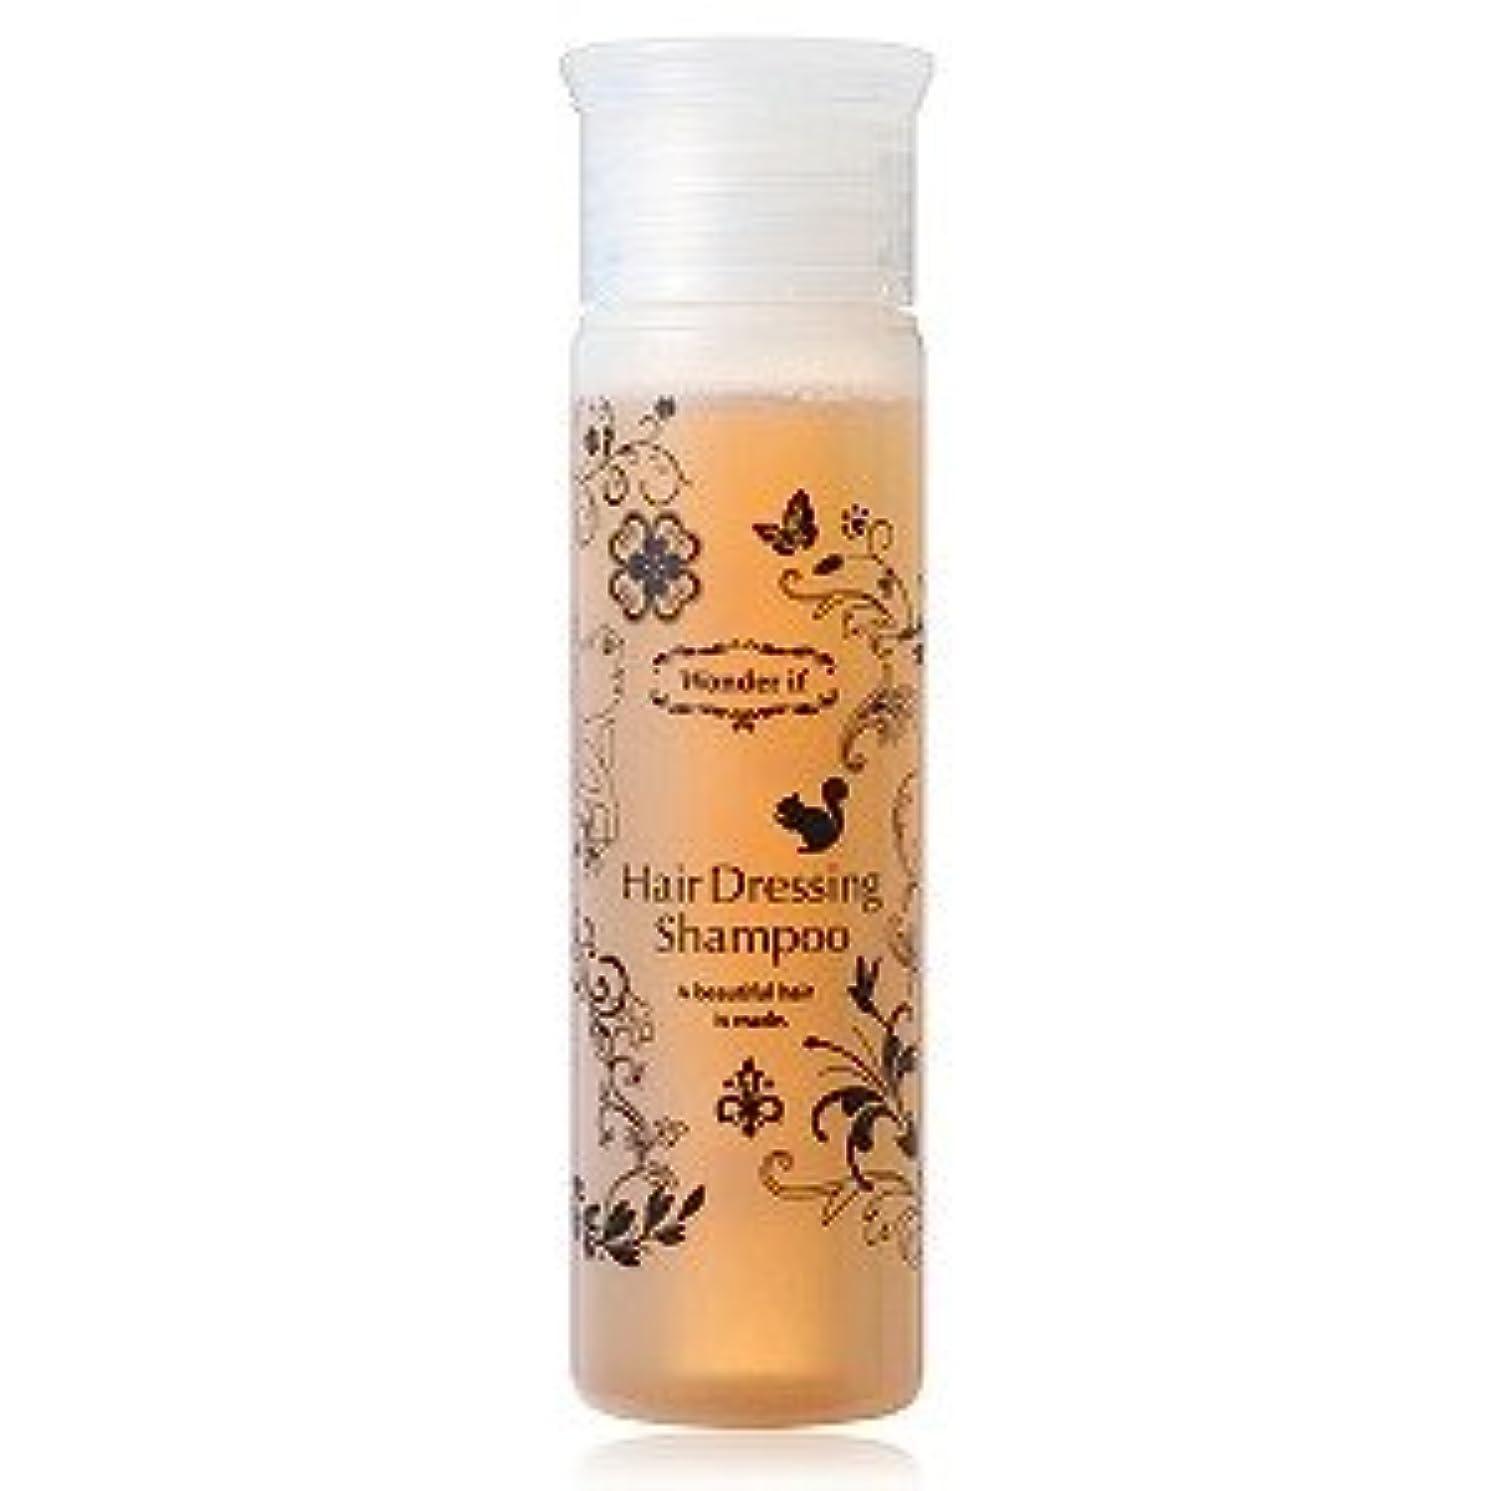 アーカイブ数学ピルヘアドレッシングシャンプー ミニボトル 50ml Hair Dressing Shampoo